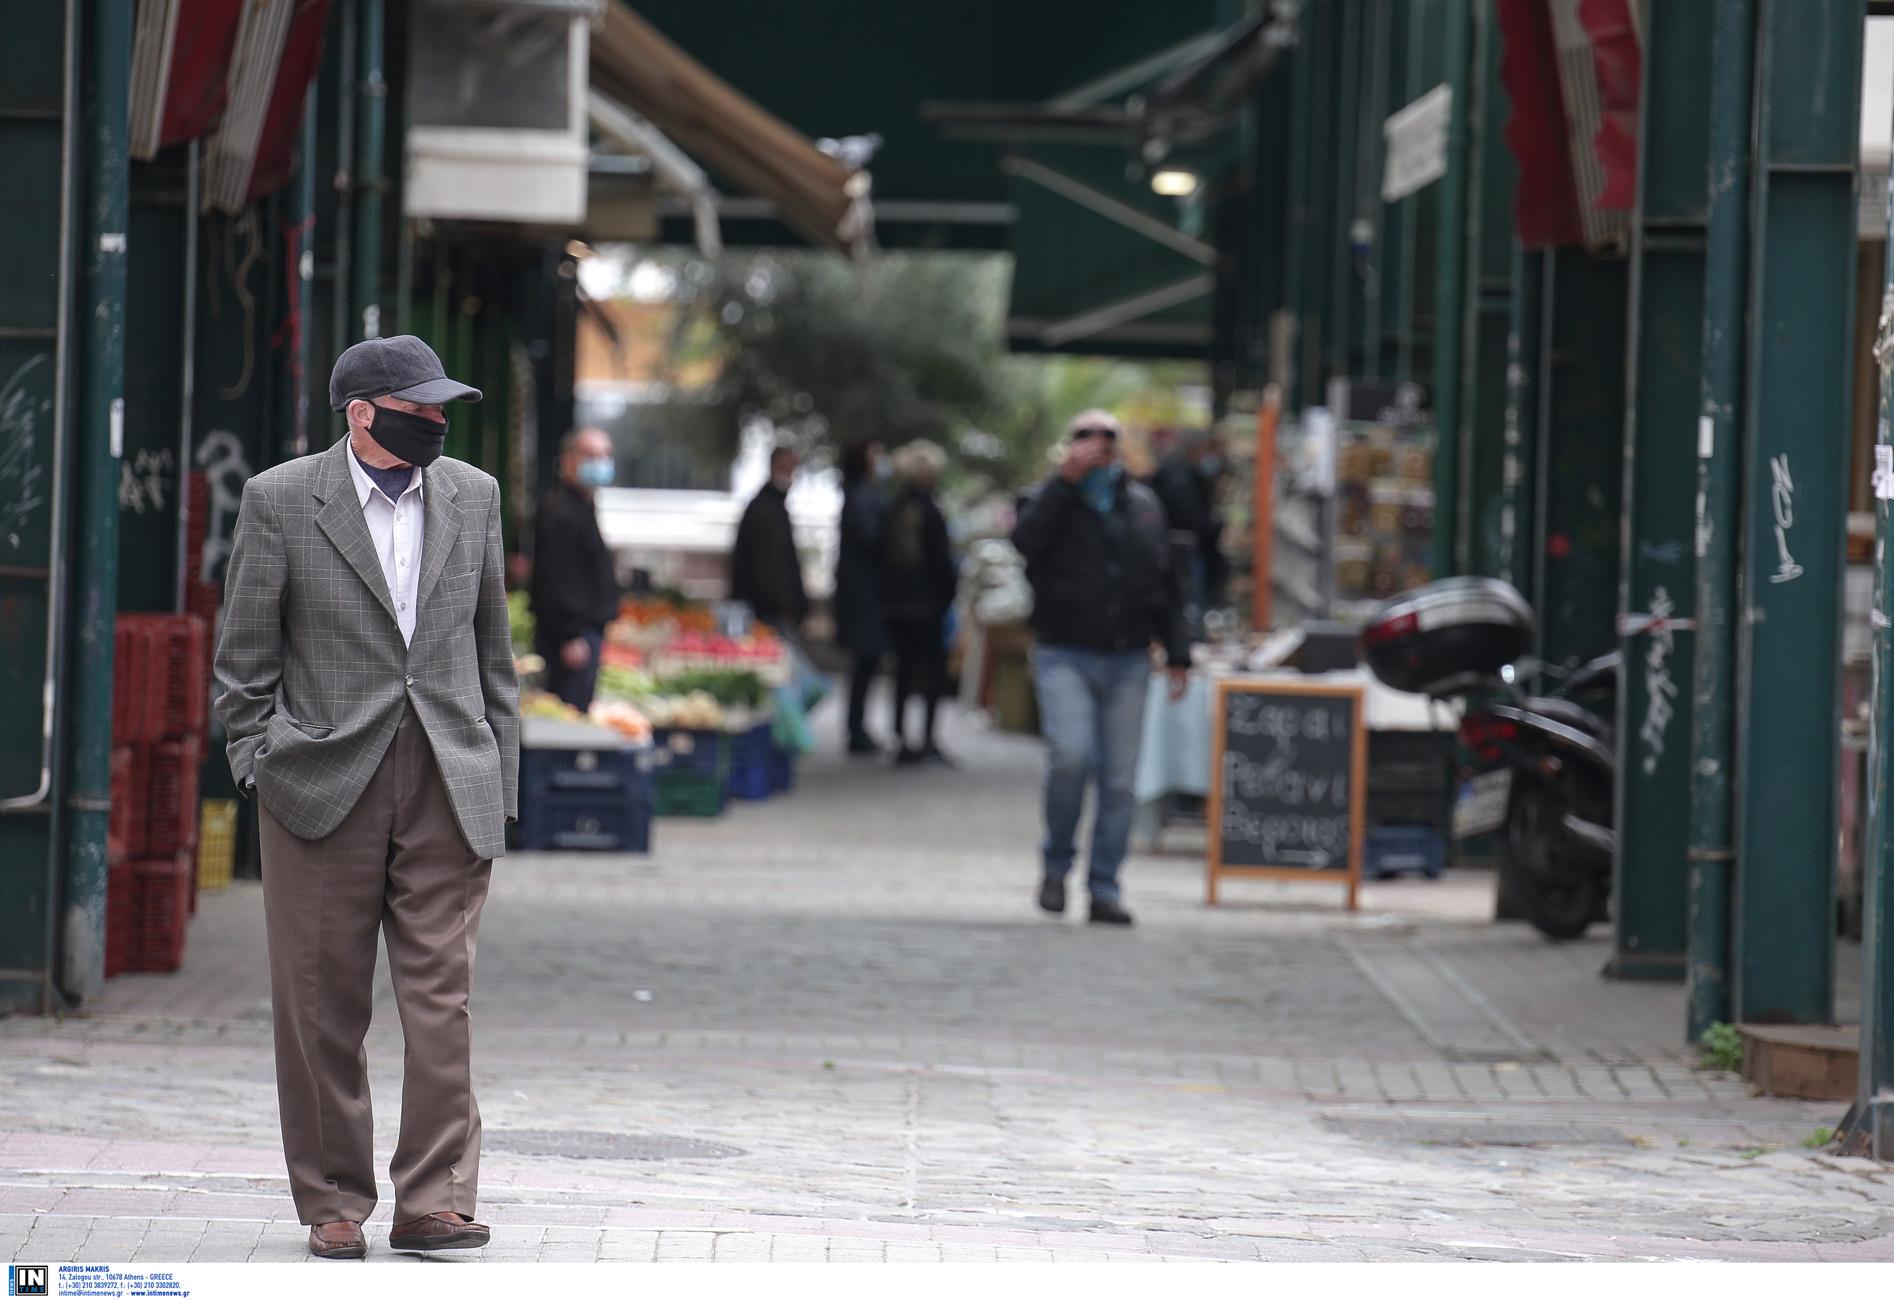 """Κορονοϊός: """"Καμπανάκι"""" για τη βόρεια Ελλάδα – """"Ο κόσμος να βγαίνει έξω για τα απολύτως απαραίτητα"""""""